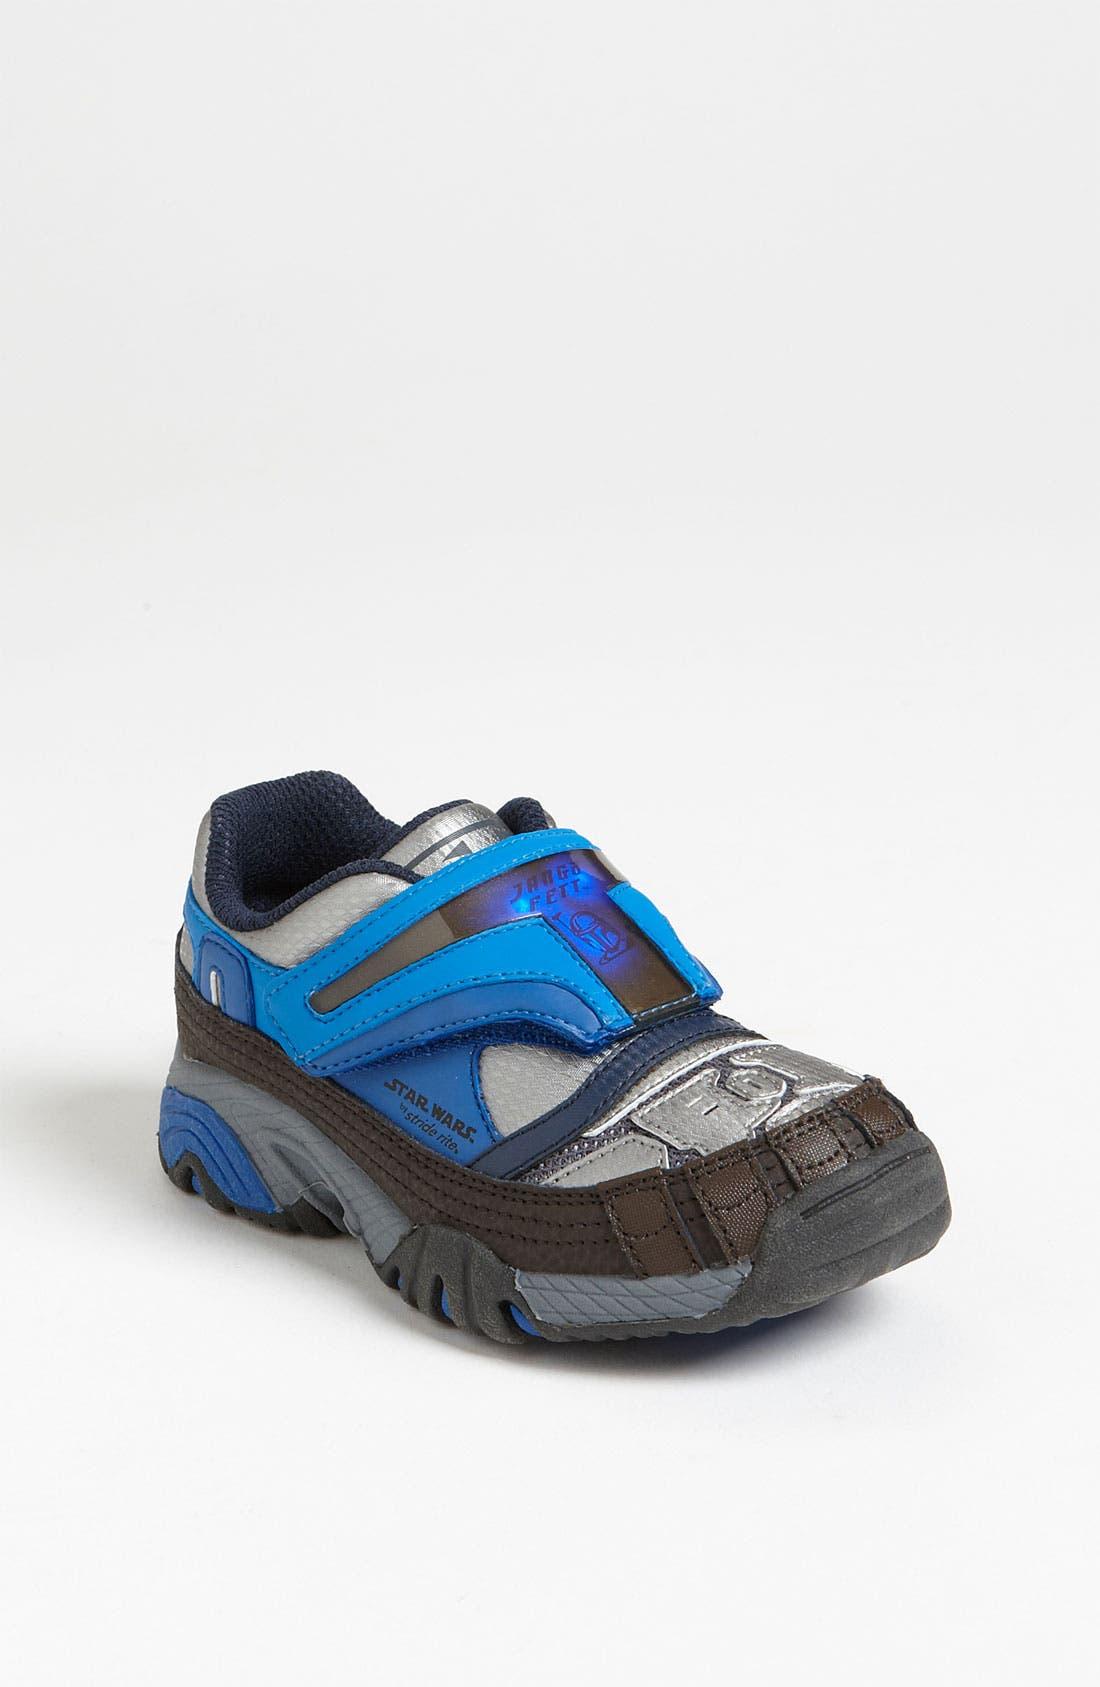 Main Image - Stride Rite 'Jango Fett™' Sneaker (Toddler & Little Kid)